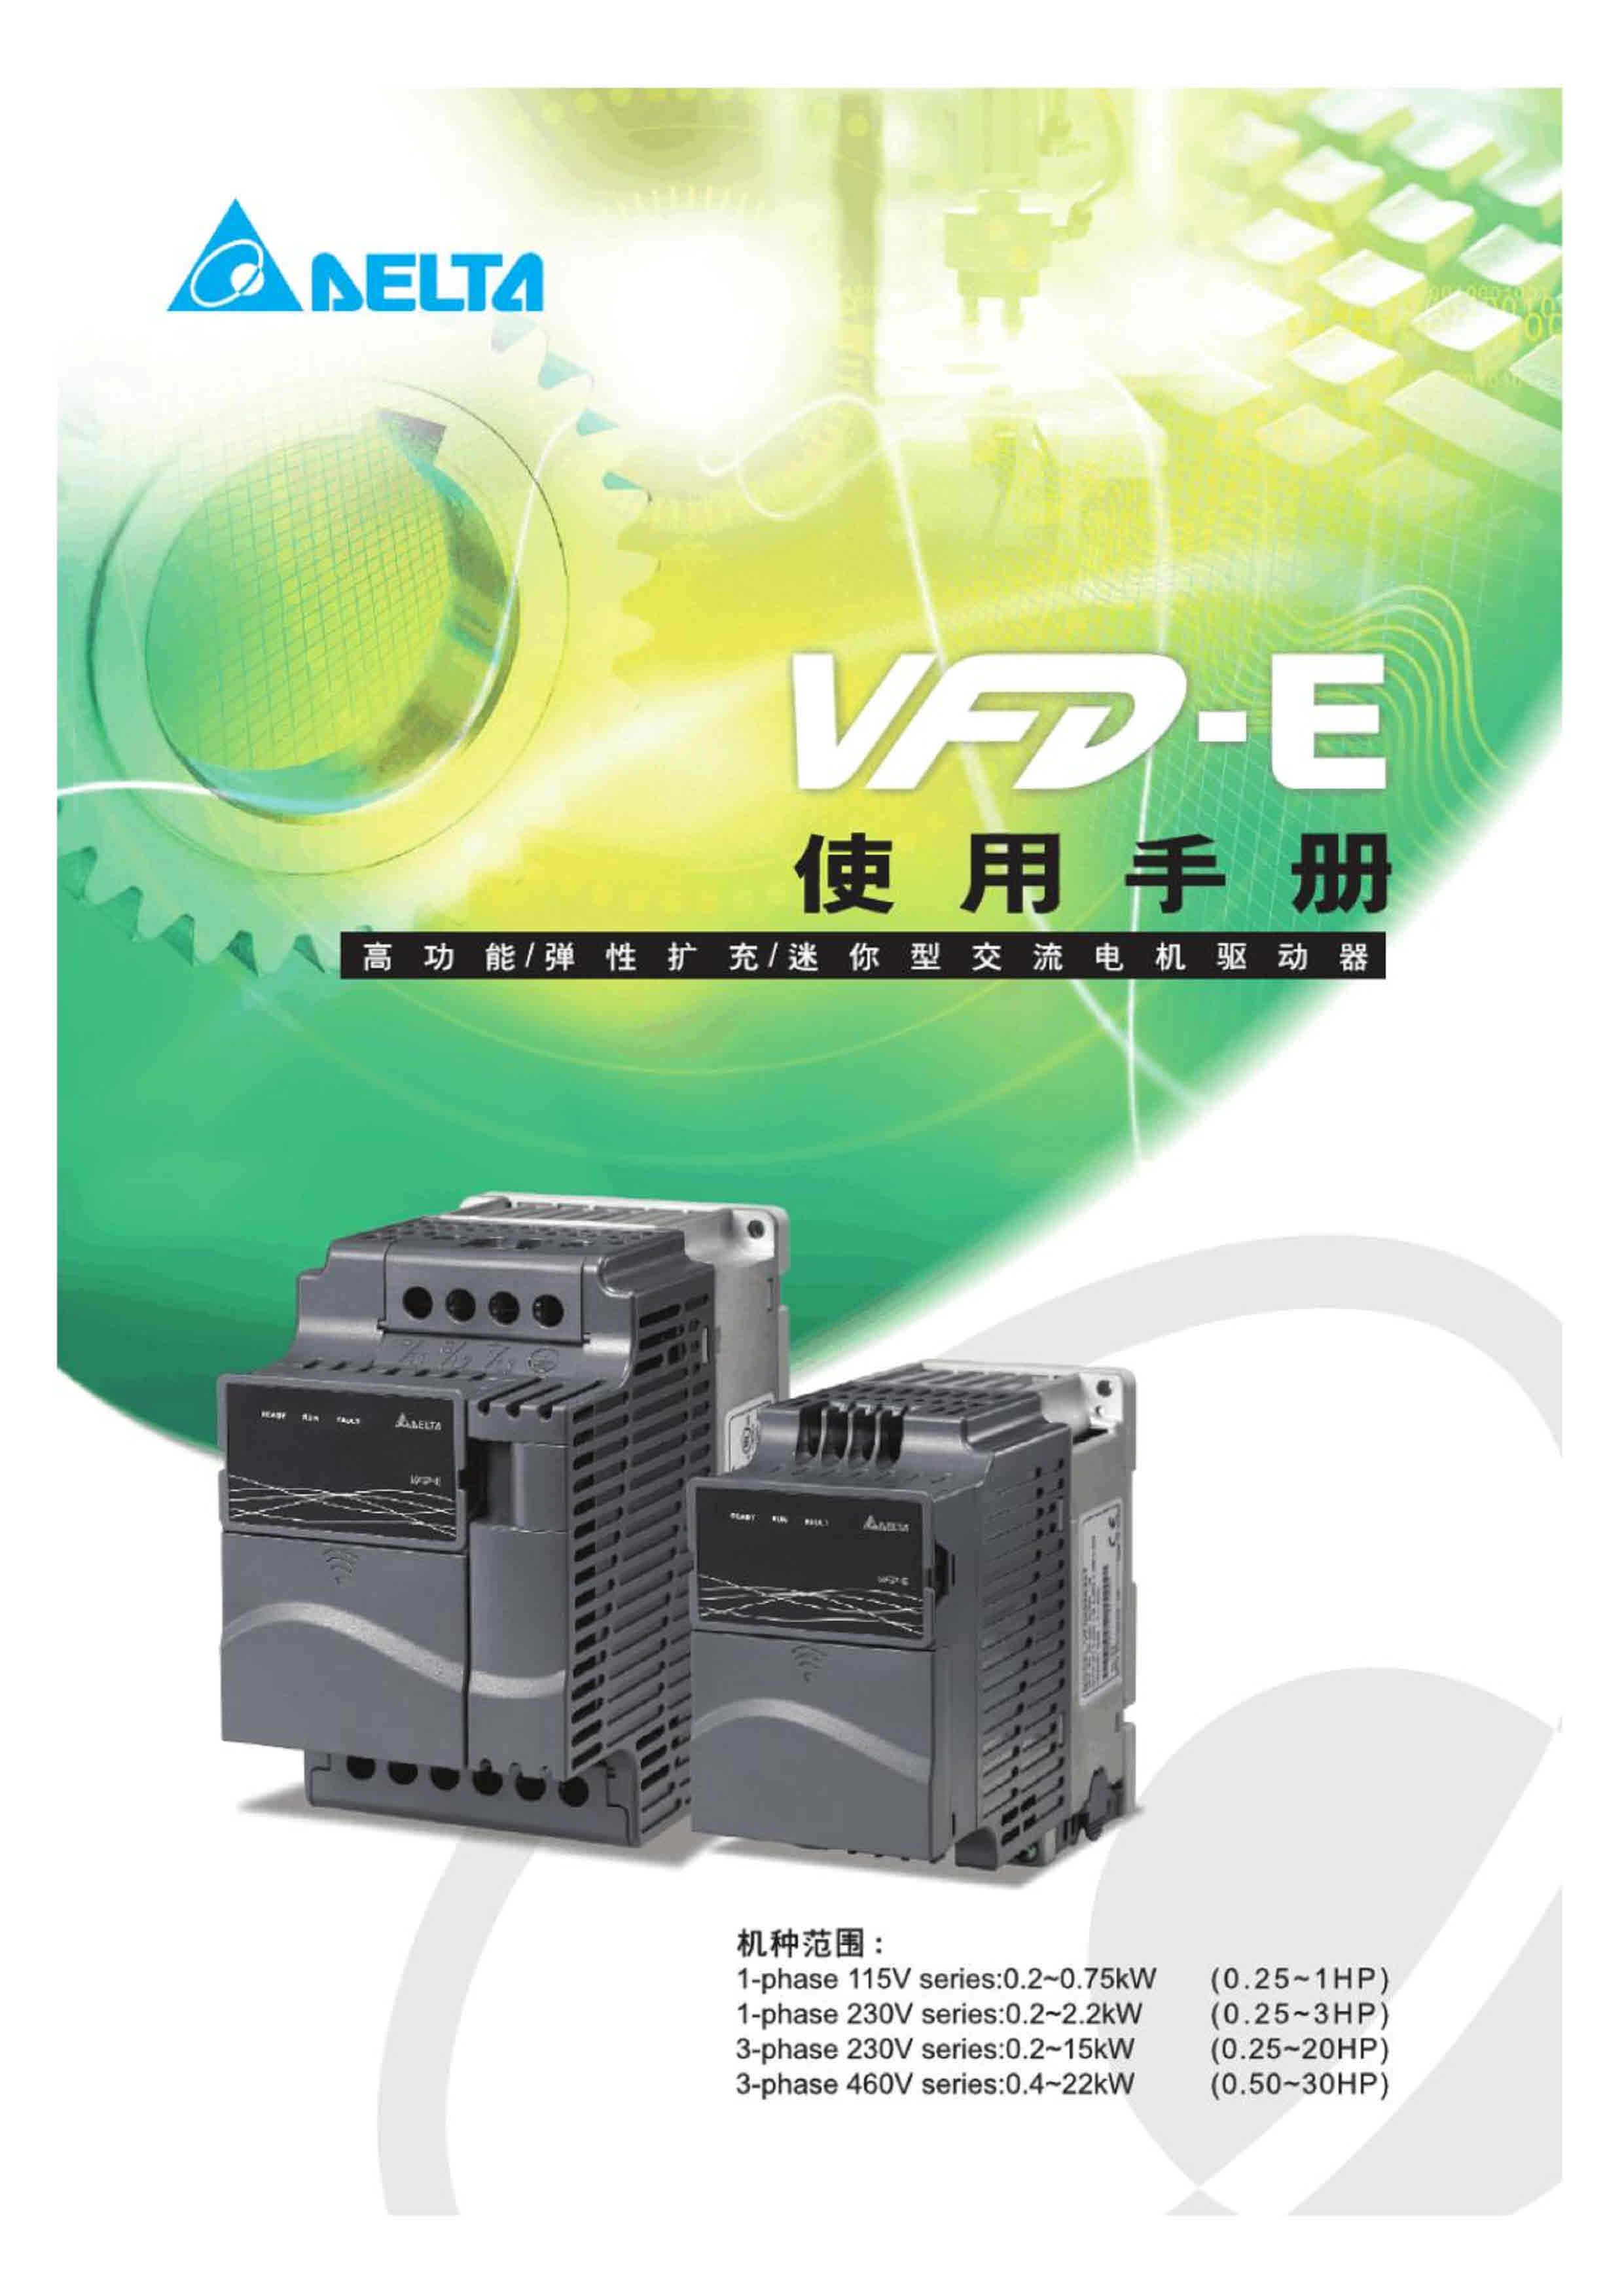 台达VFD-E变频器使用手册